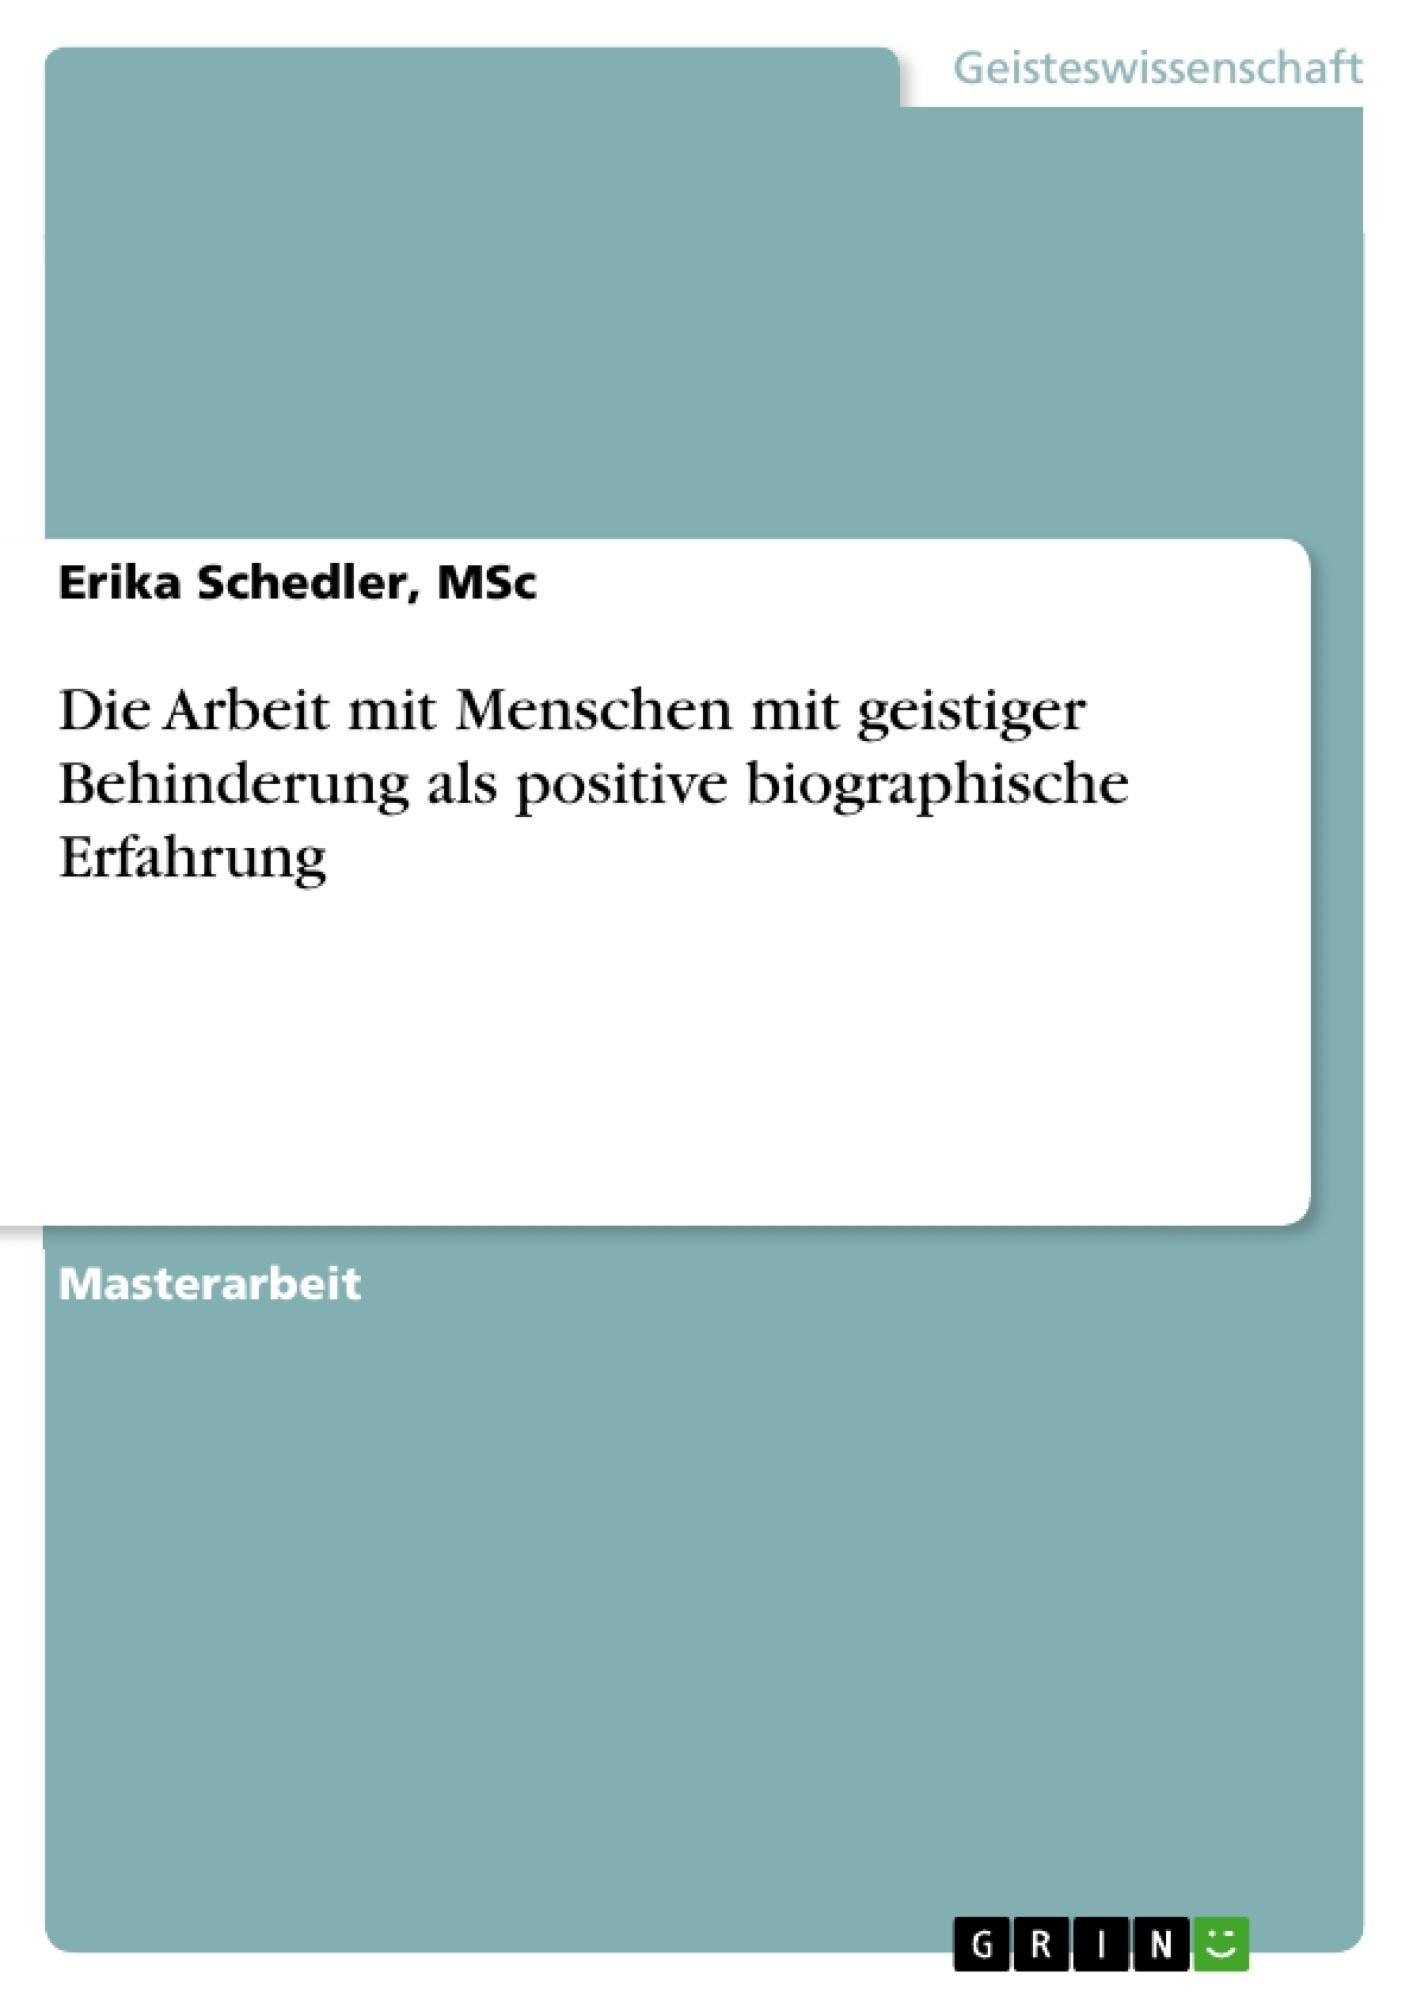 Titel: Die Arbeit mit Menschen mit geistiger Behinderung als positive biographische Erfahrung